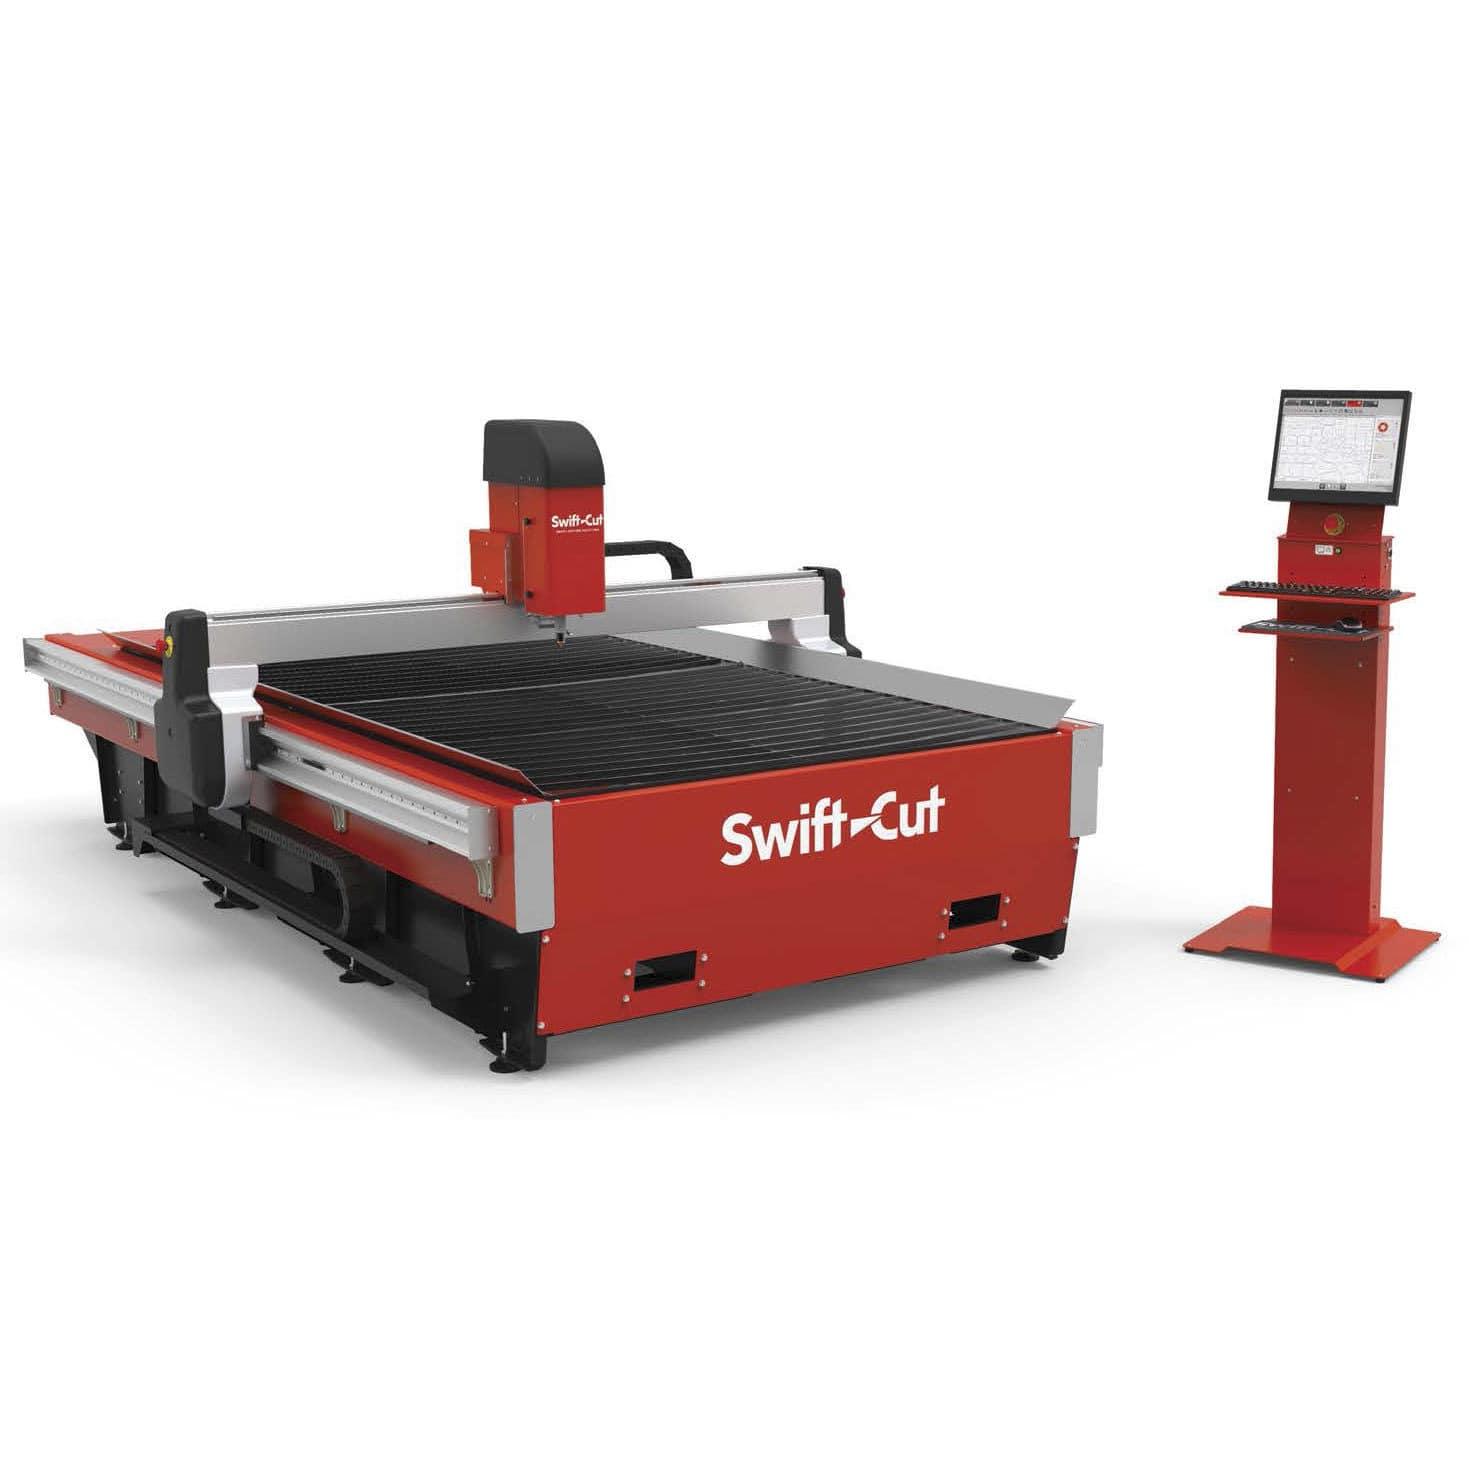 Swift-Cut Pro